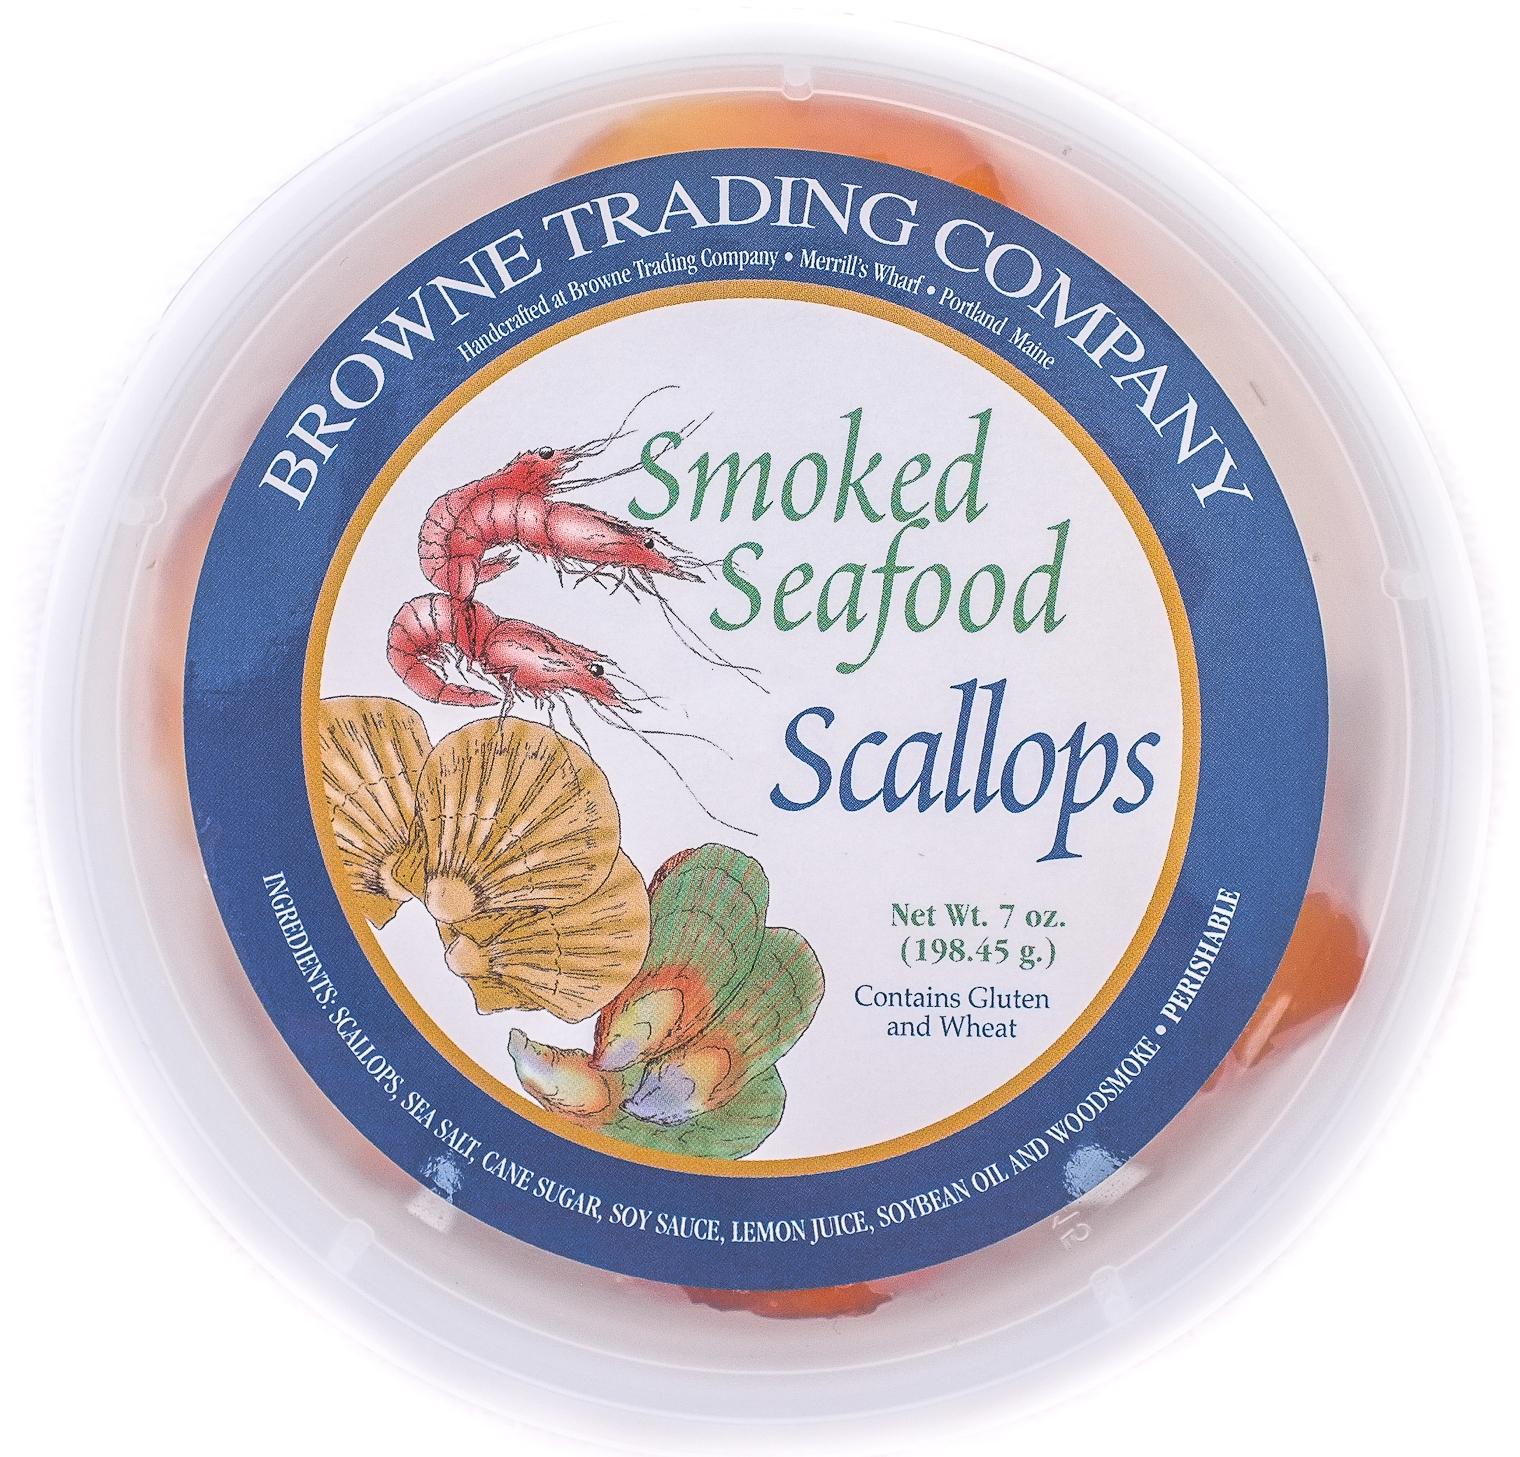 Smoked Scallops